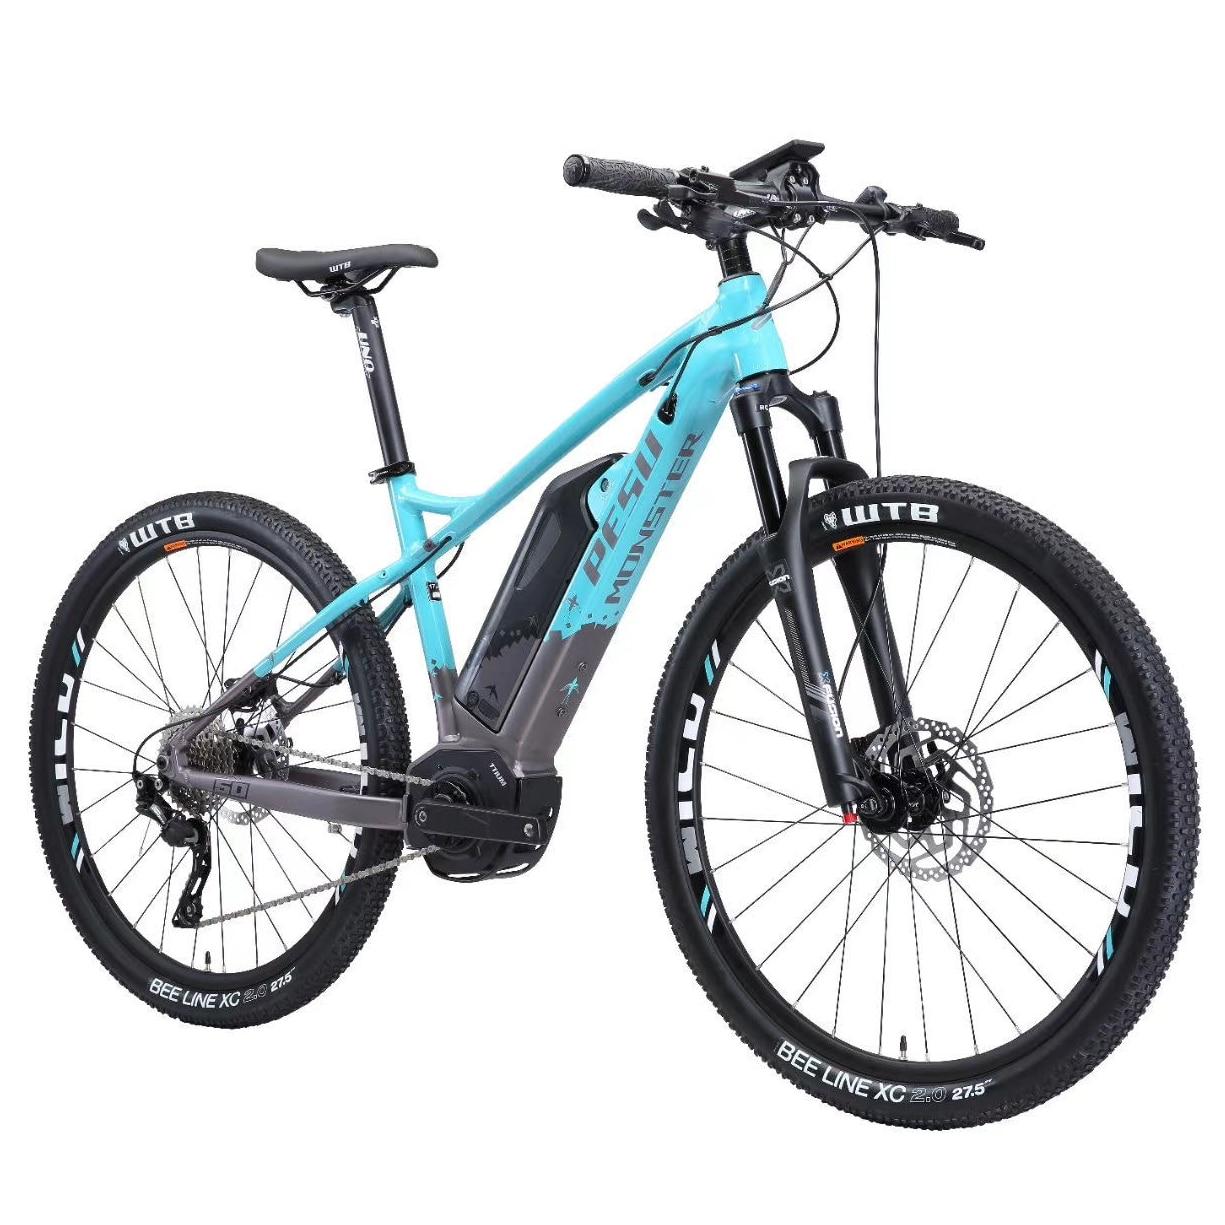 2020 PESUMONSTER XC 27.5 pollici di montagna elettrica ebike 10 velocità 36V350w metà del motore eMTB Intelligente assist power off-road bicicletta